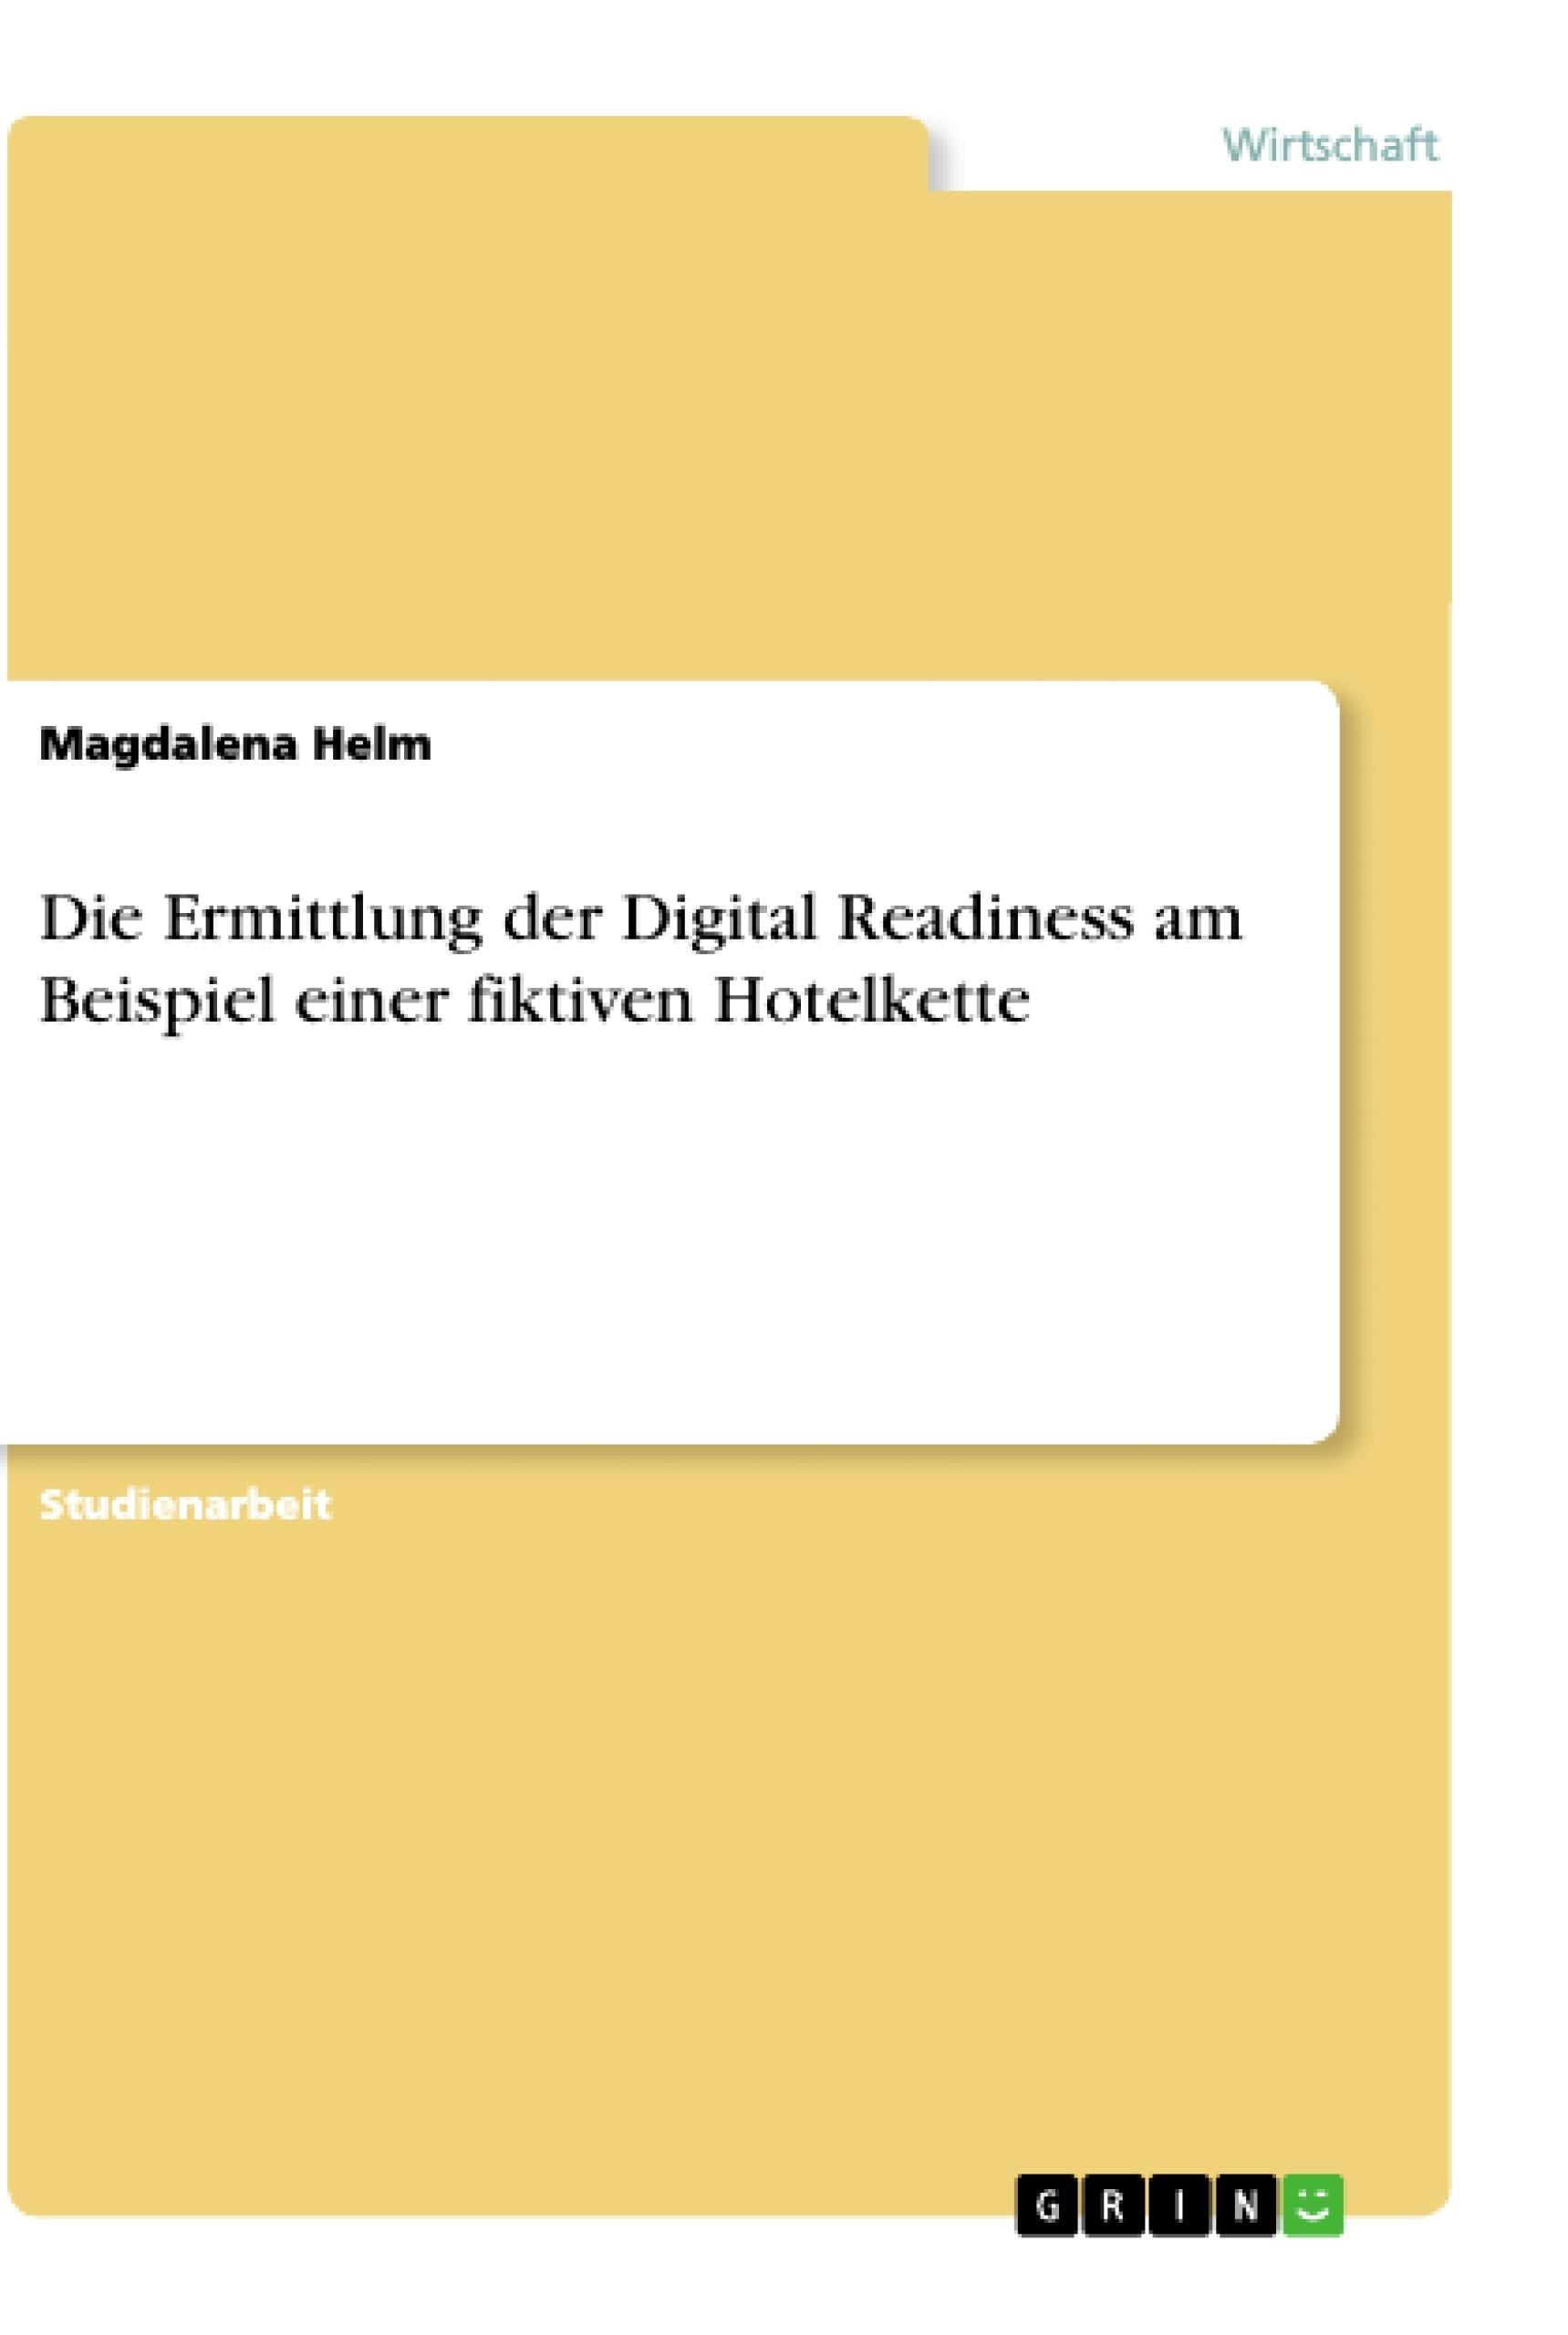 Titel: Die Ermittlung der Digital Readiness am Beispiel einer fiktiven Hotelkette